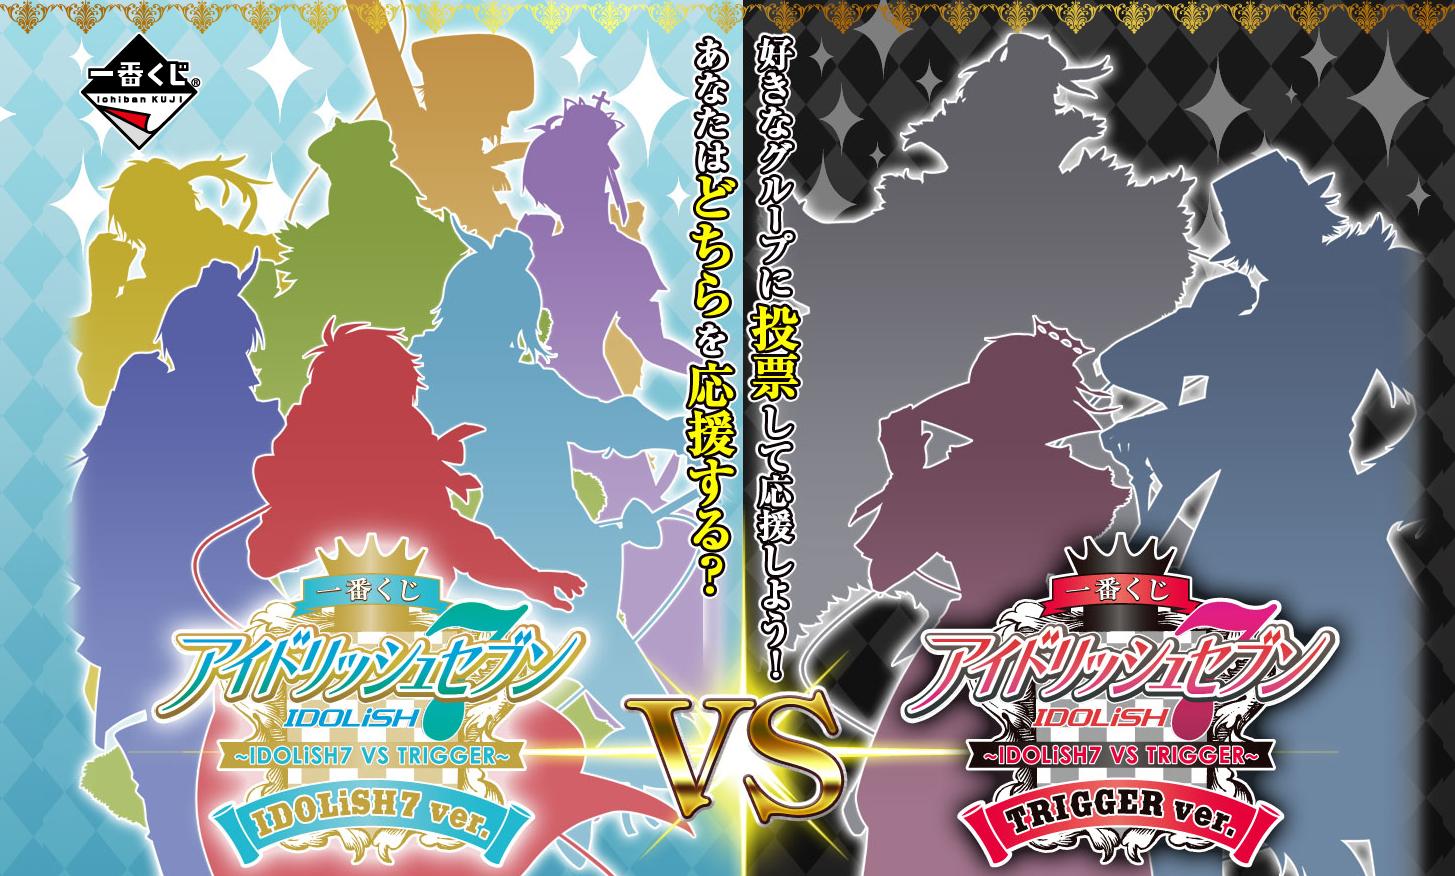 【アイナナ一番くじ】アイドリッシュセブン 〜IDOLiSH7 VS TRIGGER〜